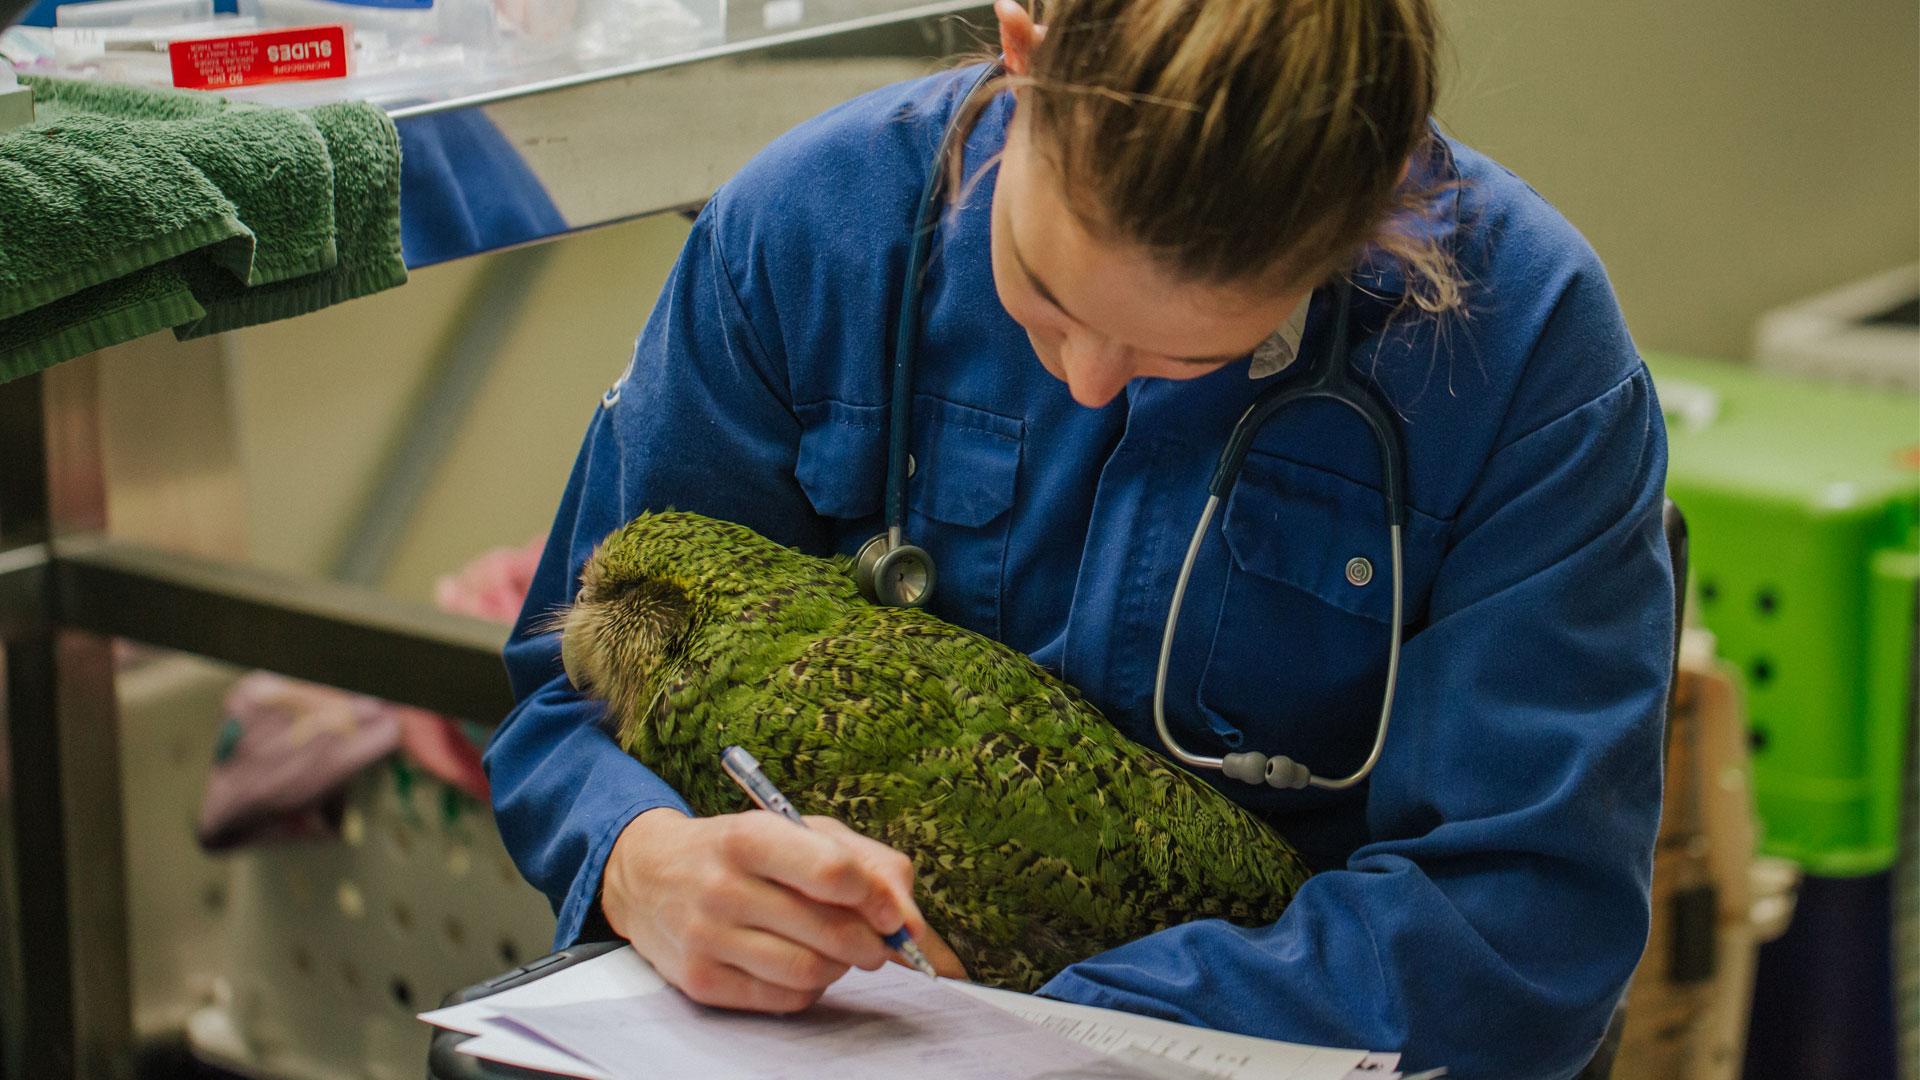 https://rfacdn.nz/zoo/assets/media/kakapo-vet-hospital-bravo-gallery-6.jpg